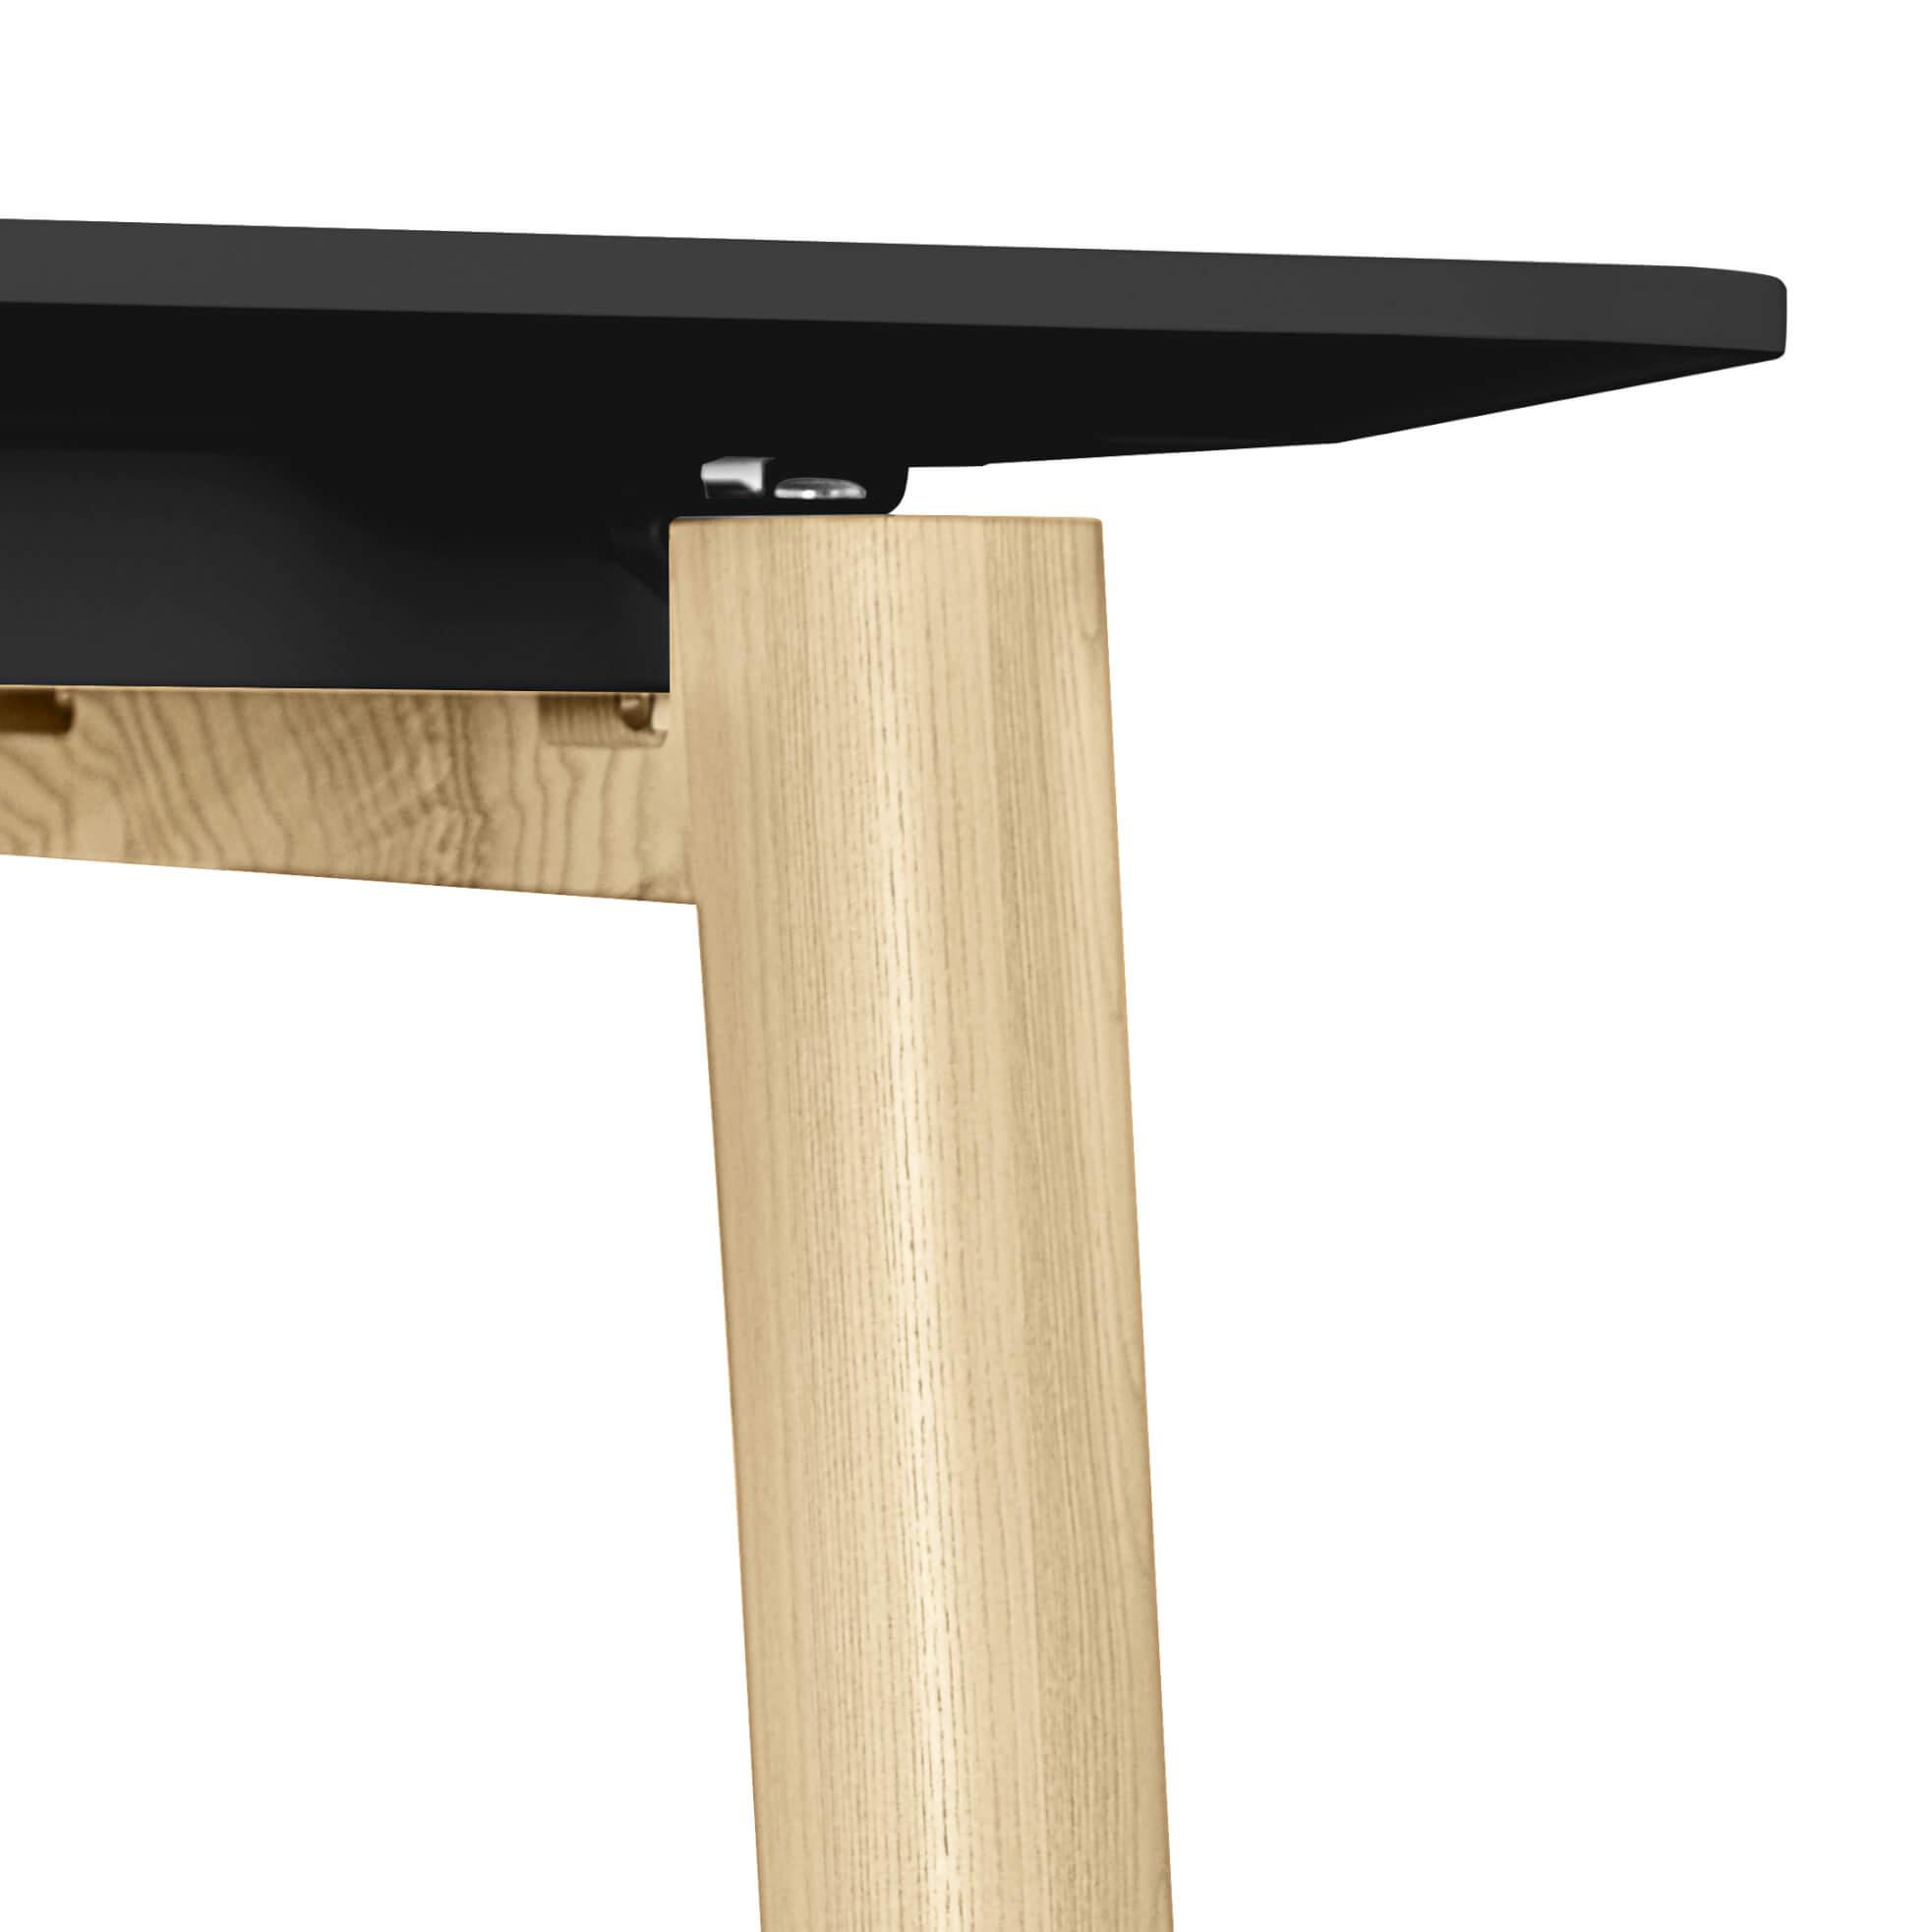 Stehtisch NOVA Wood FENIX HPL 160 x 70 cm Schwarz/Holz Hochtisch Bartisch Tresentisch Theke